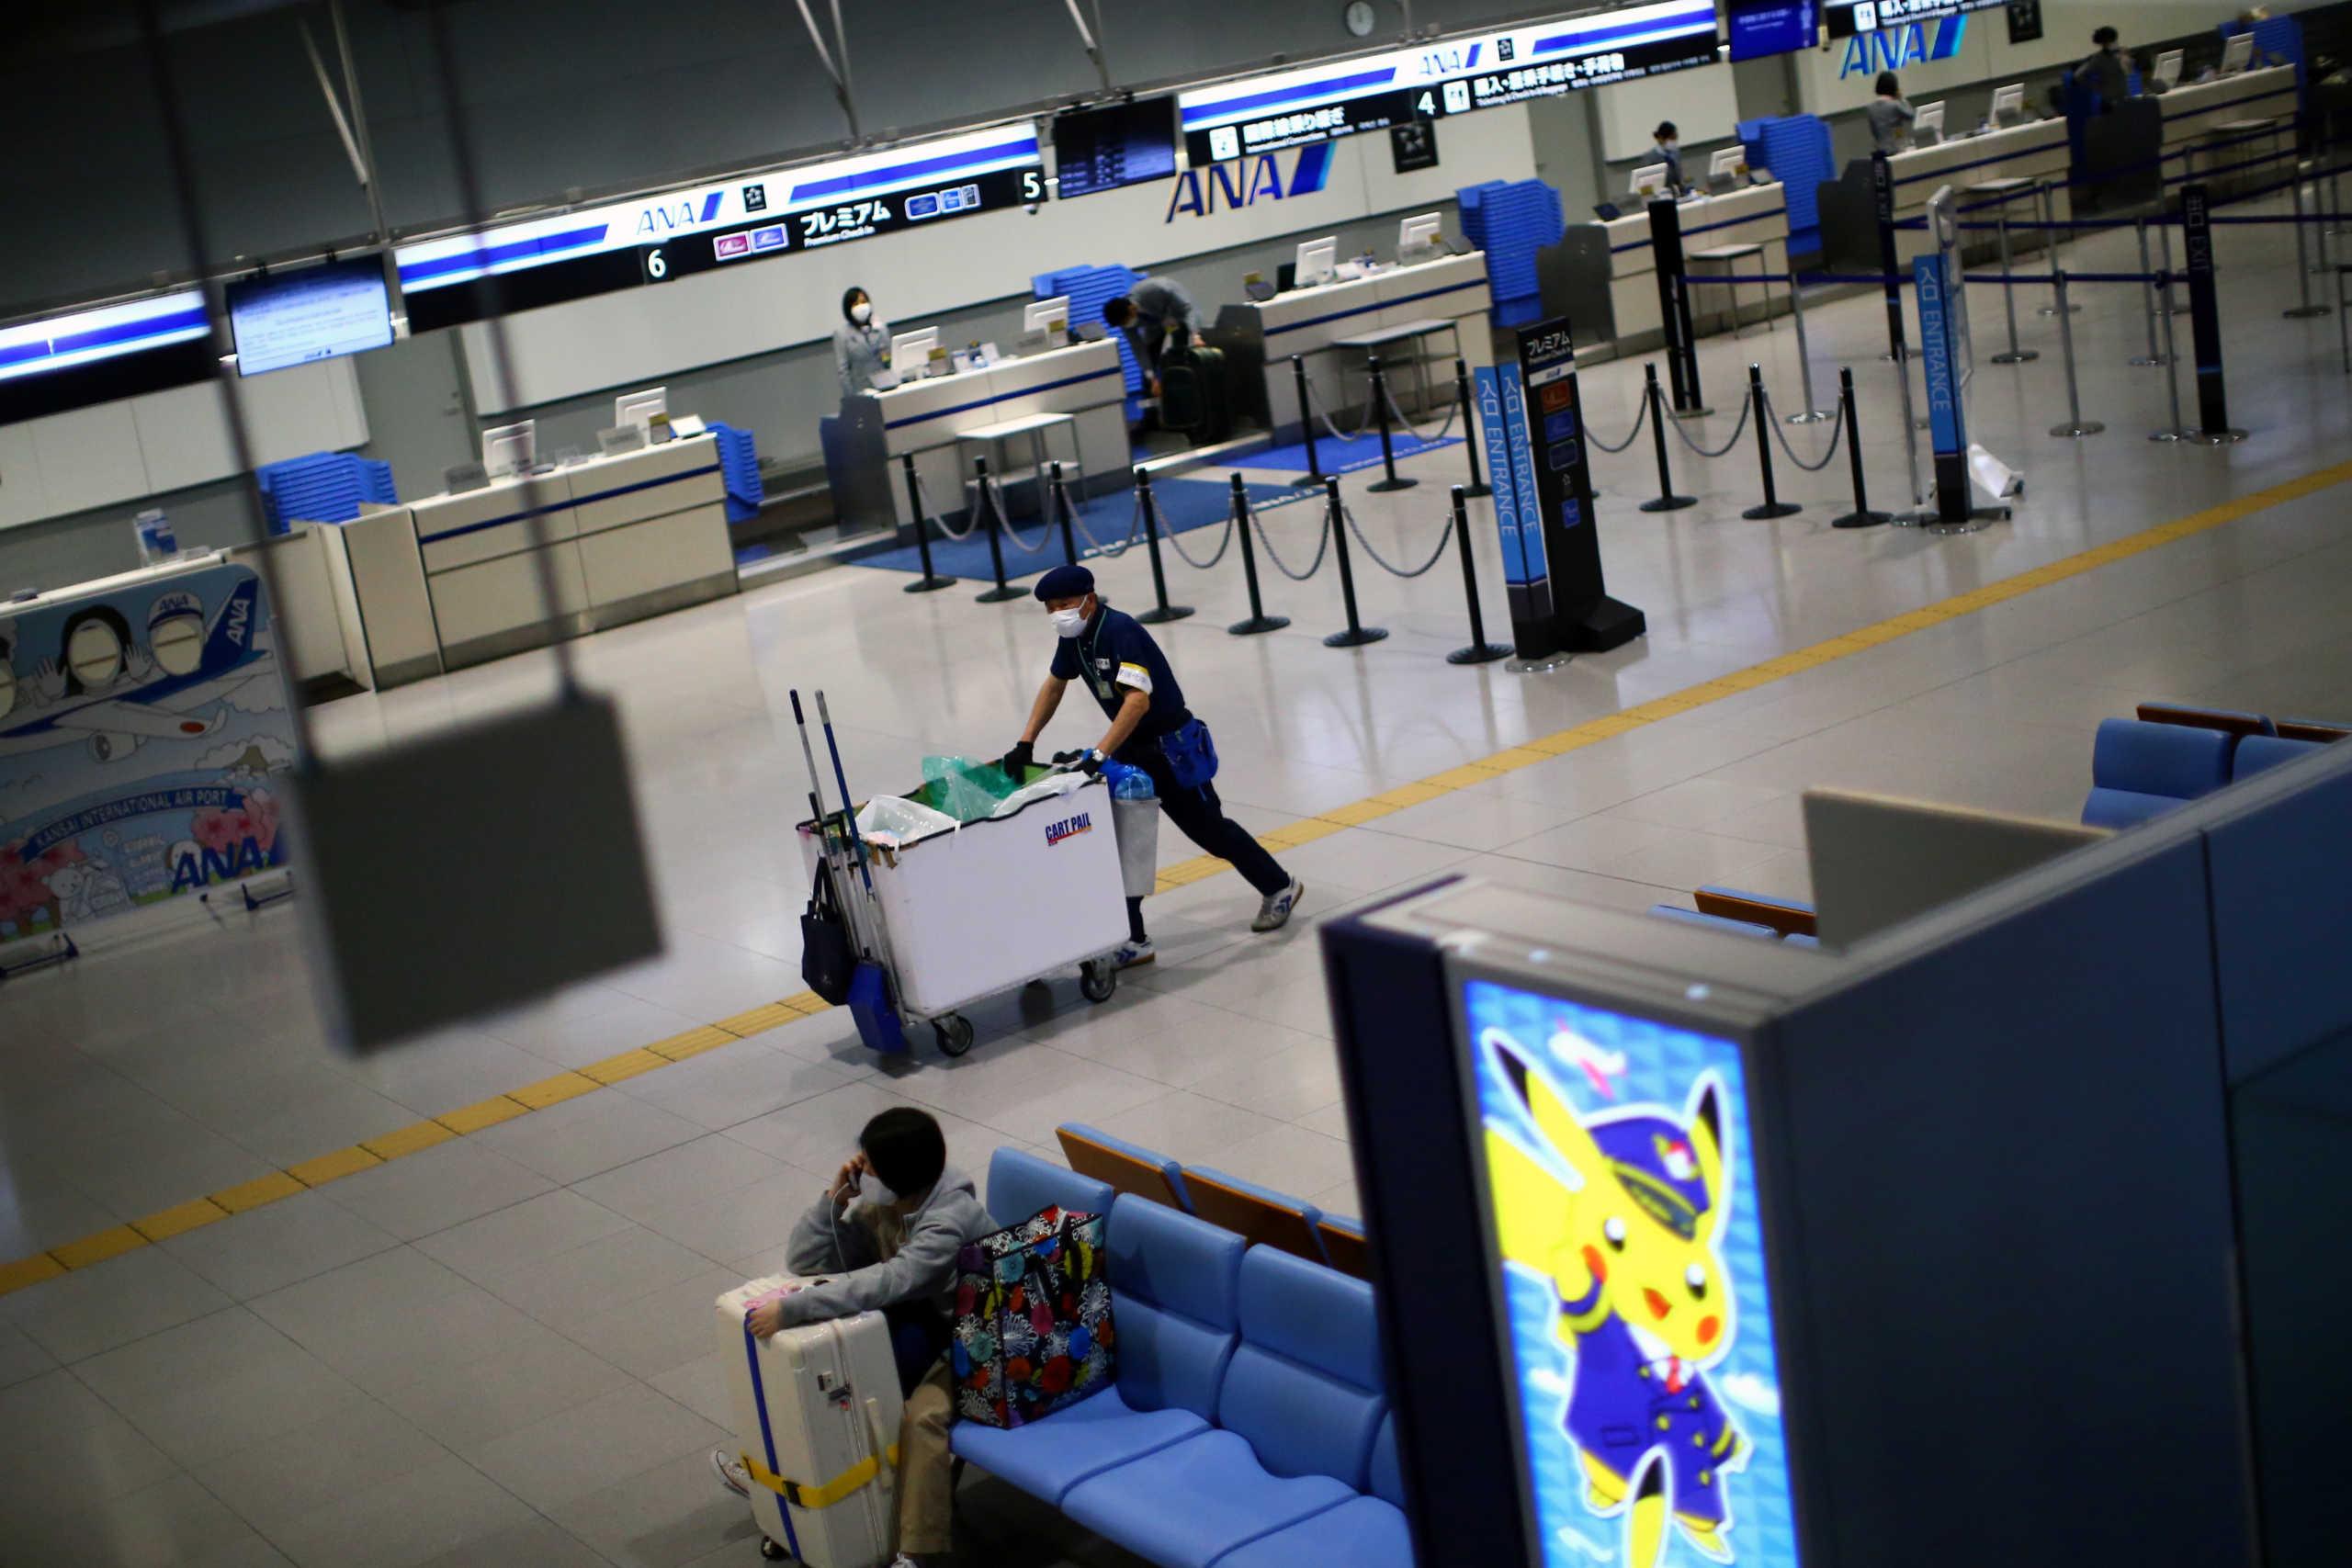 Ιρλανδία: Αποφύγετε τα ταξίδια στην Ευρώπη λόγω κορονοϊού